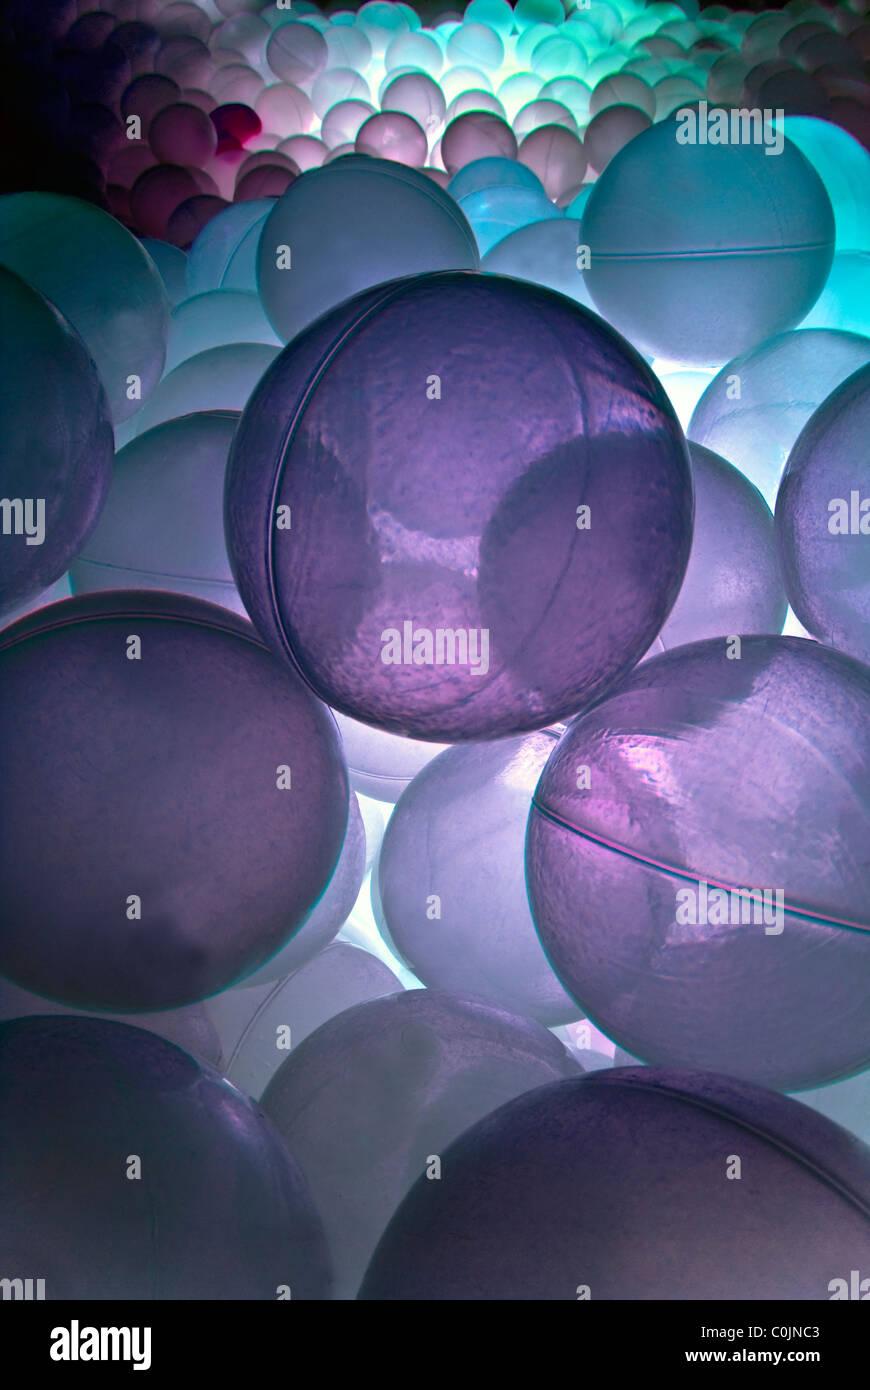 Ballpool mit lila Licht in den sensorischen Lichtraum. Stockfoto